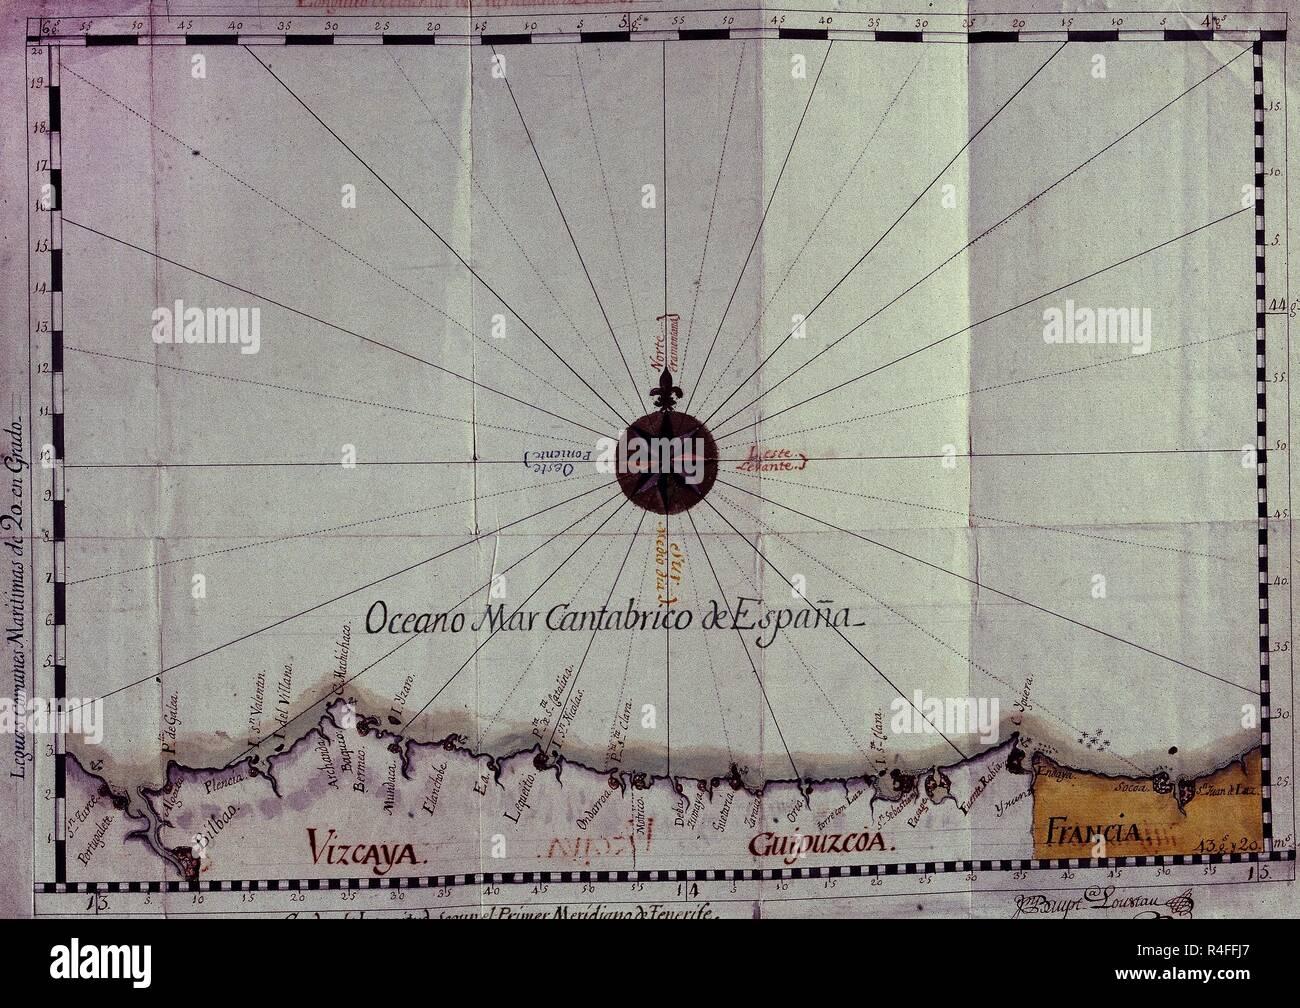 Mapa De Vizcaya Costa.Mapa De Costas Maritimas De Vizcaya 1786 Author Loustau